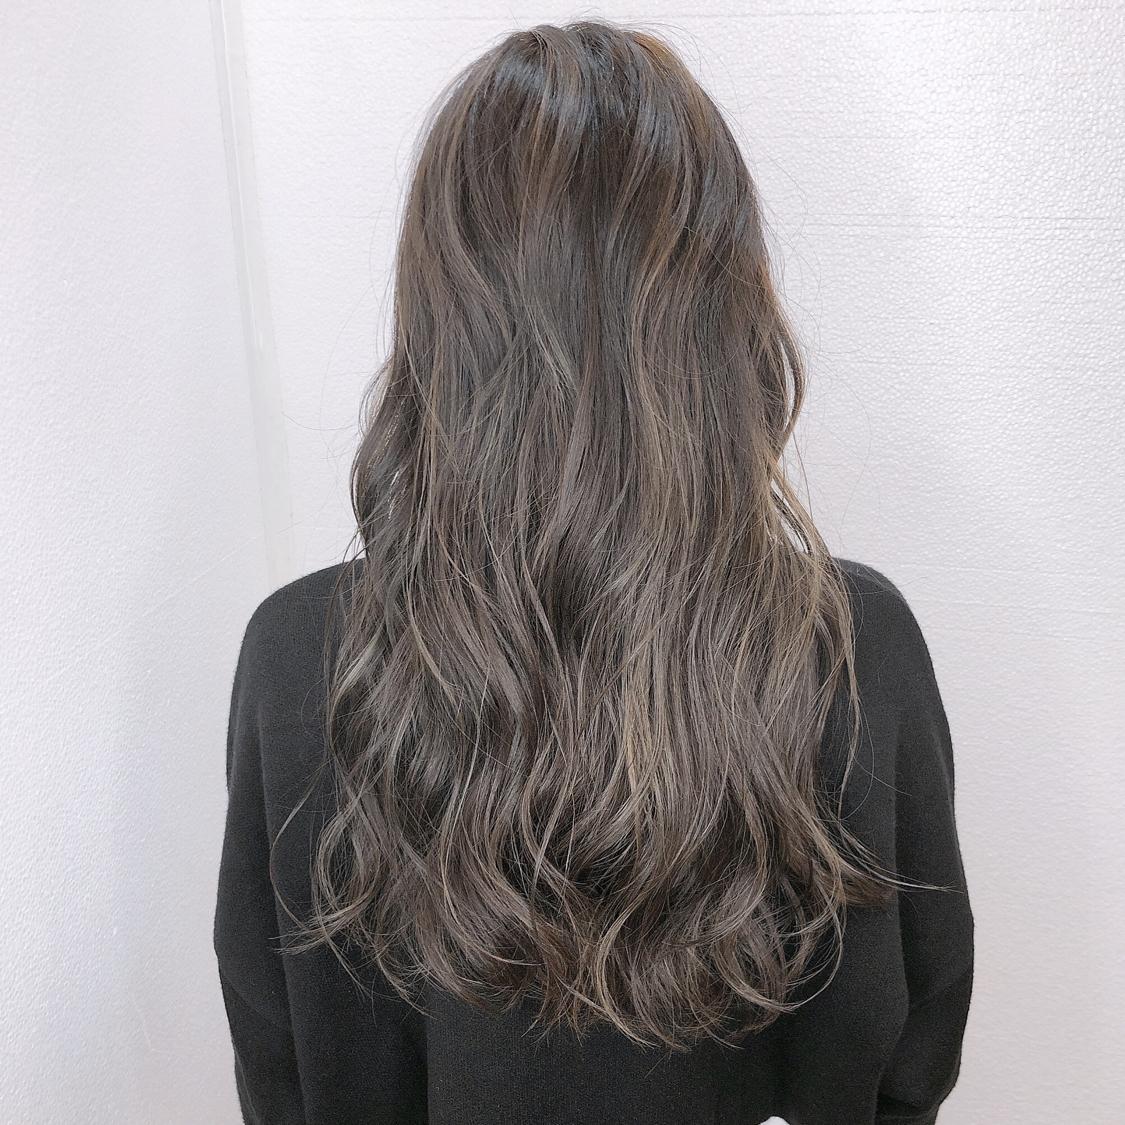 【アッシュグレージュcolor】 ハイライトcolor!  全体ブリーチだと髪へのダメージが心配で、色落ちの金髪も気になる方が多いと思います。 でも透明感欲しくて、綺麗な色やしたい色はブリーチ使用してる事が多いので、今回はハイライトを全体に入れて理想的な透明感あるアッシュグレージュを実現!  一度ハイライト入れてたら 毎回ハイライトしなくても履歴あればワンカラーで何度か楽しめるのでオススメです^ ^  N.ポリッシュオイルで完成!  #岡山美容室#岡山美容師#サロンモデル#サロンスタイル#ブリーチなしグレージュ #外国人風グラデーションカラー#hair#オシャレ#波ウェーブ#hairstyle#haircolor#3dカラー#髪型#古作蓮#フォローしてくれた人全員フォローする #外国人風#beauty#西海岸風#撮影モデル#美容室MICHI#michi富田店#大元駅#大元駅美容室#stylist#followme#オリーブアッシュ #カリスマ美容師#オリーブカラー #サロンワーク#外国人風カラー